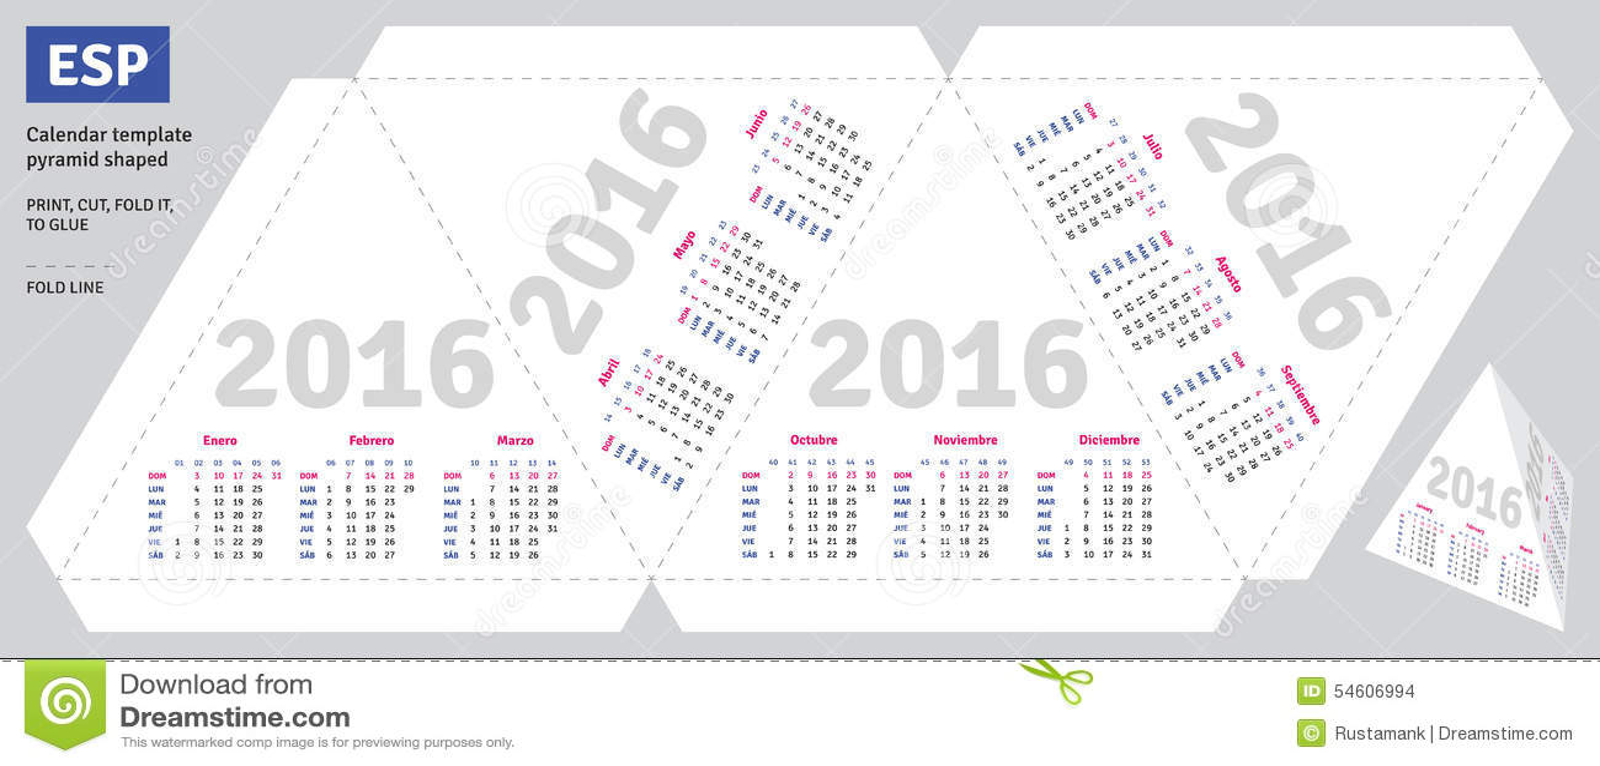 Как сделать календарь на 2016 год своими руками фото